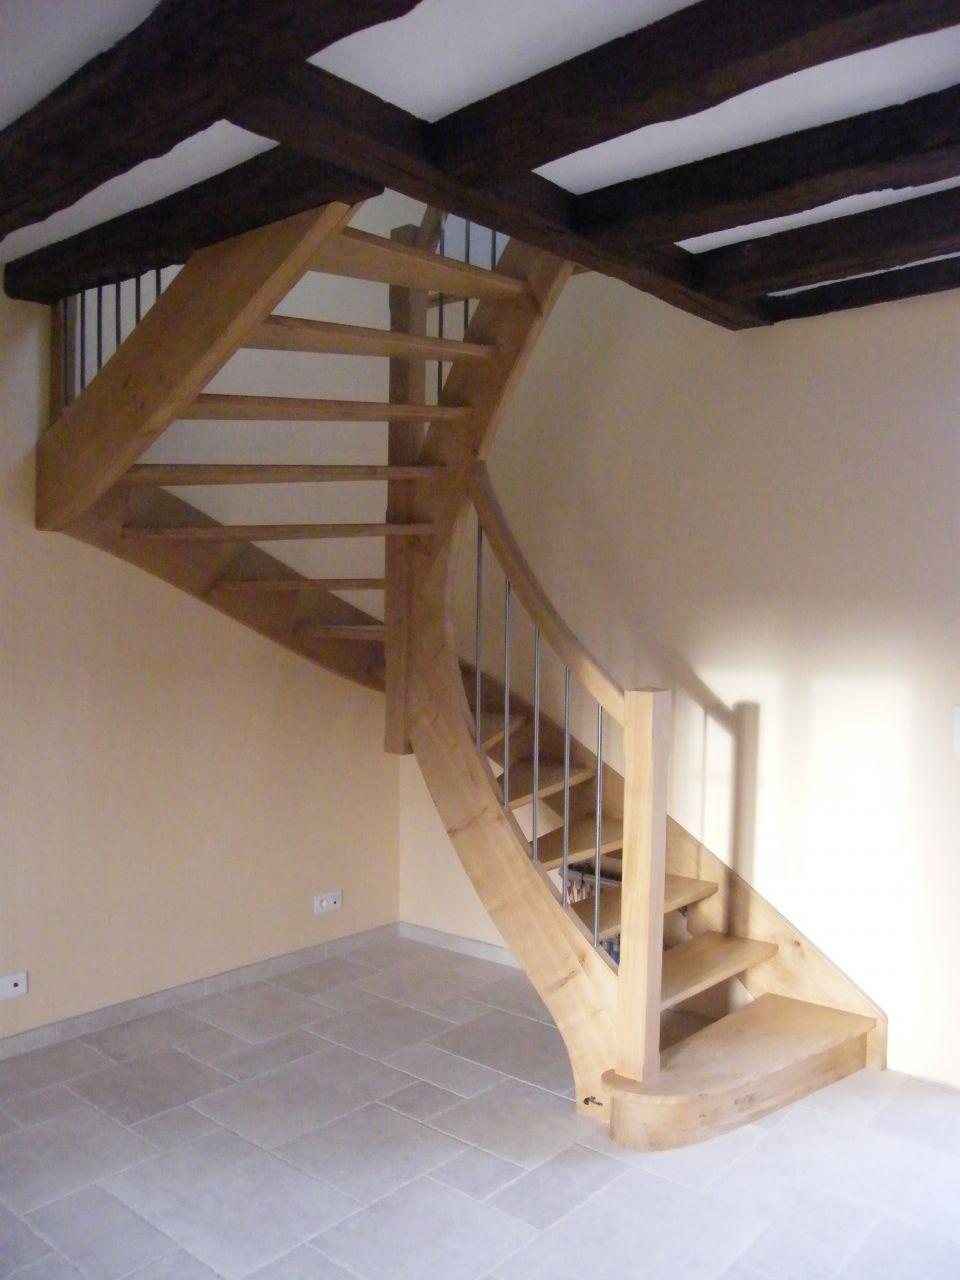 escalier bois en place dry loiret. Black Bedroom Furniture Sets. Home Design Ideas